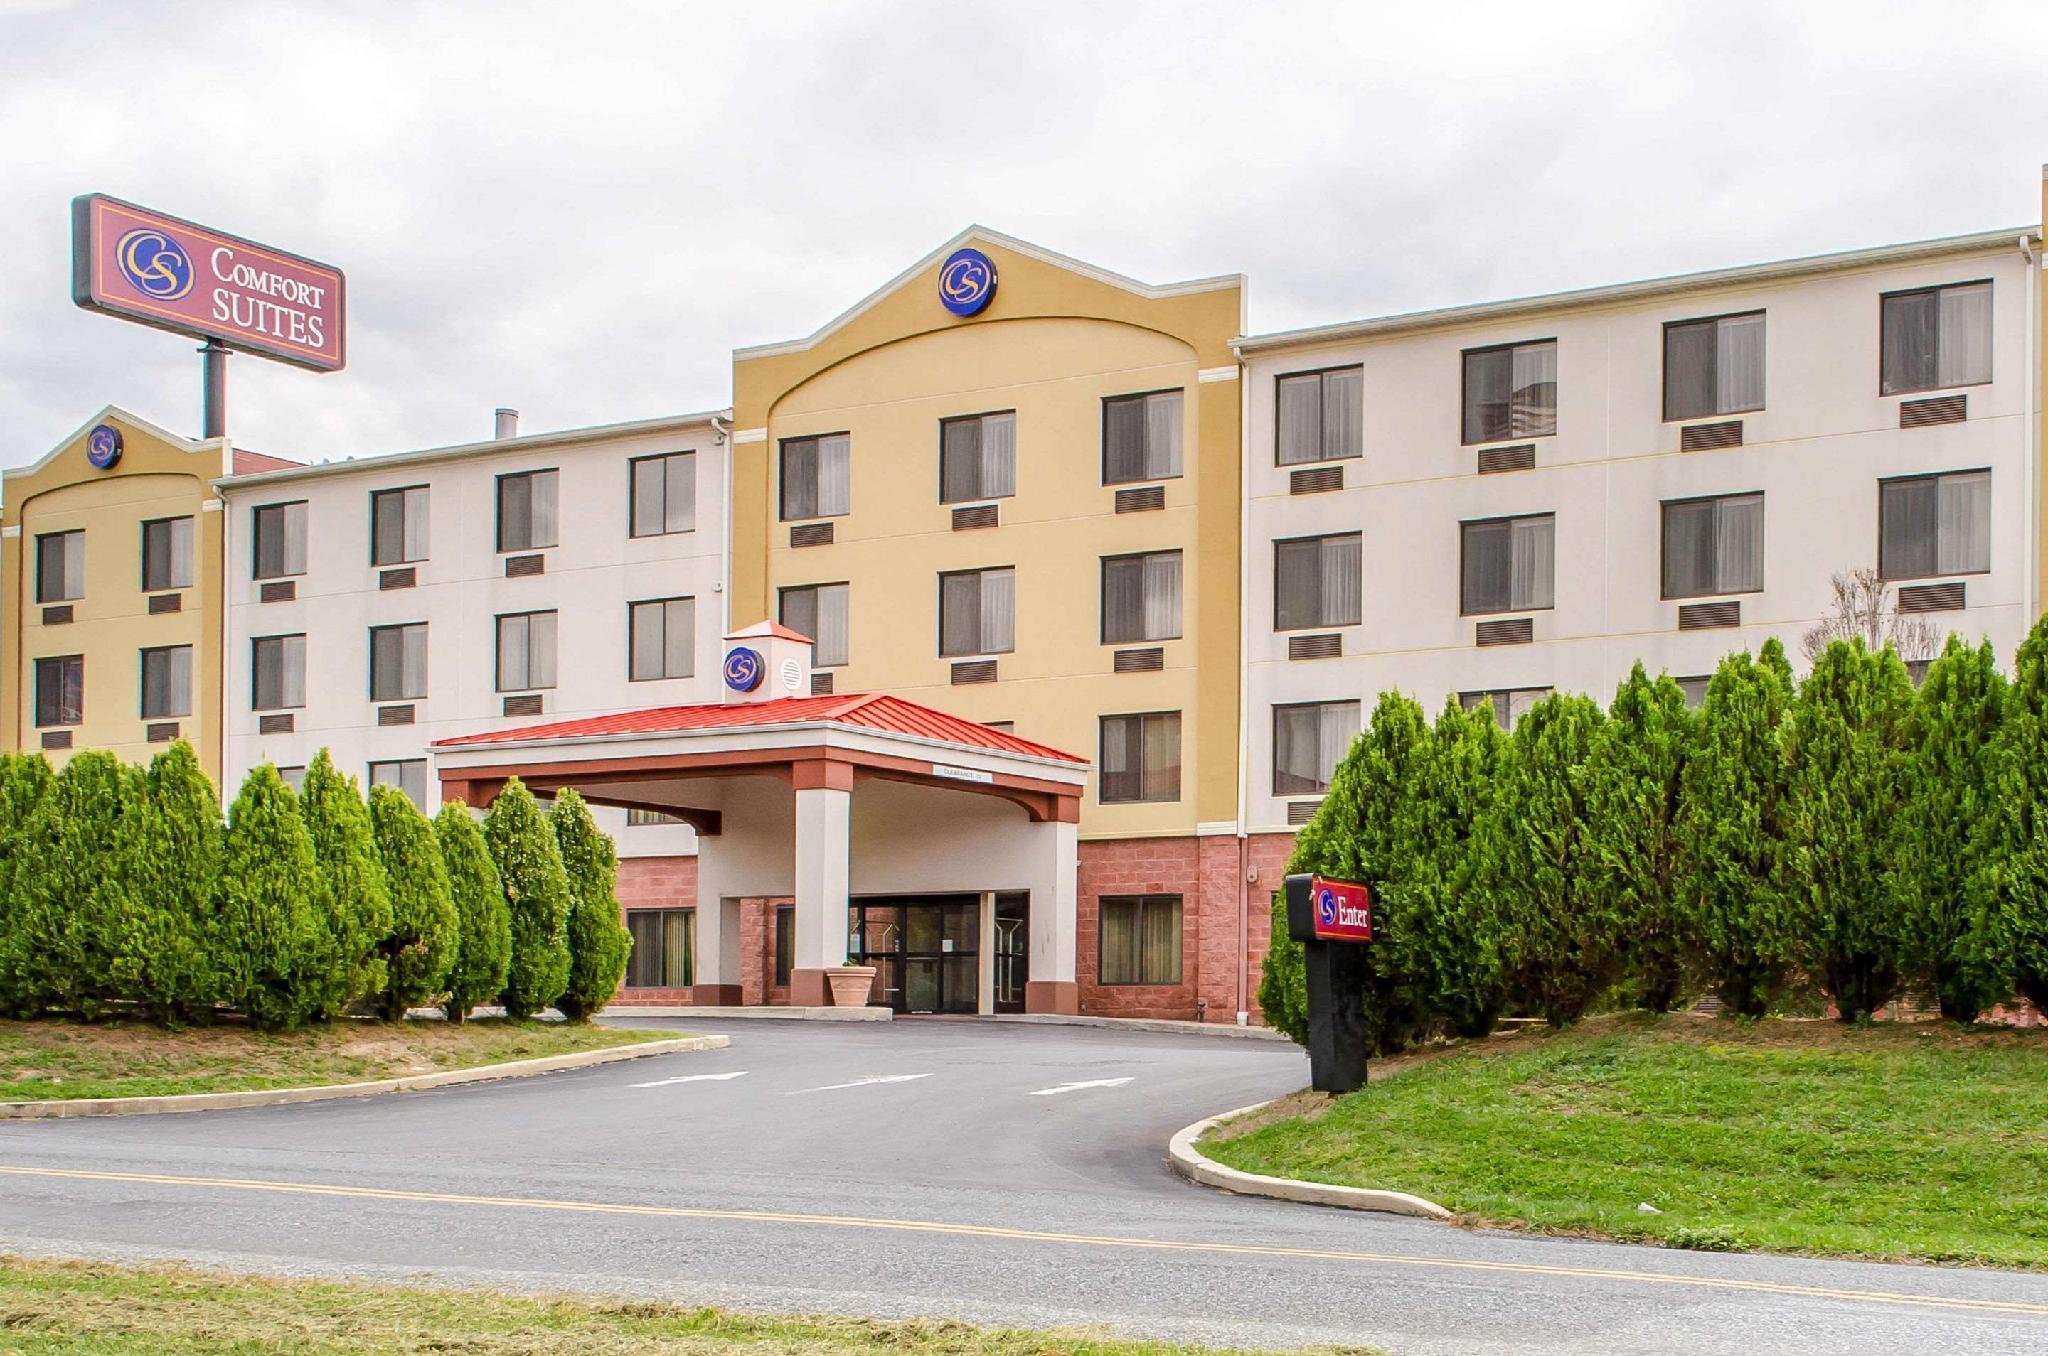 Comfort Suites Grantville   Hershey North